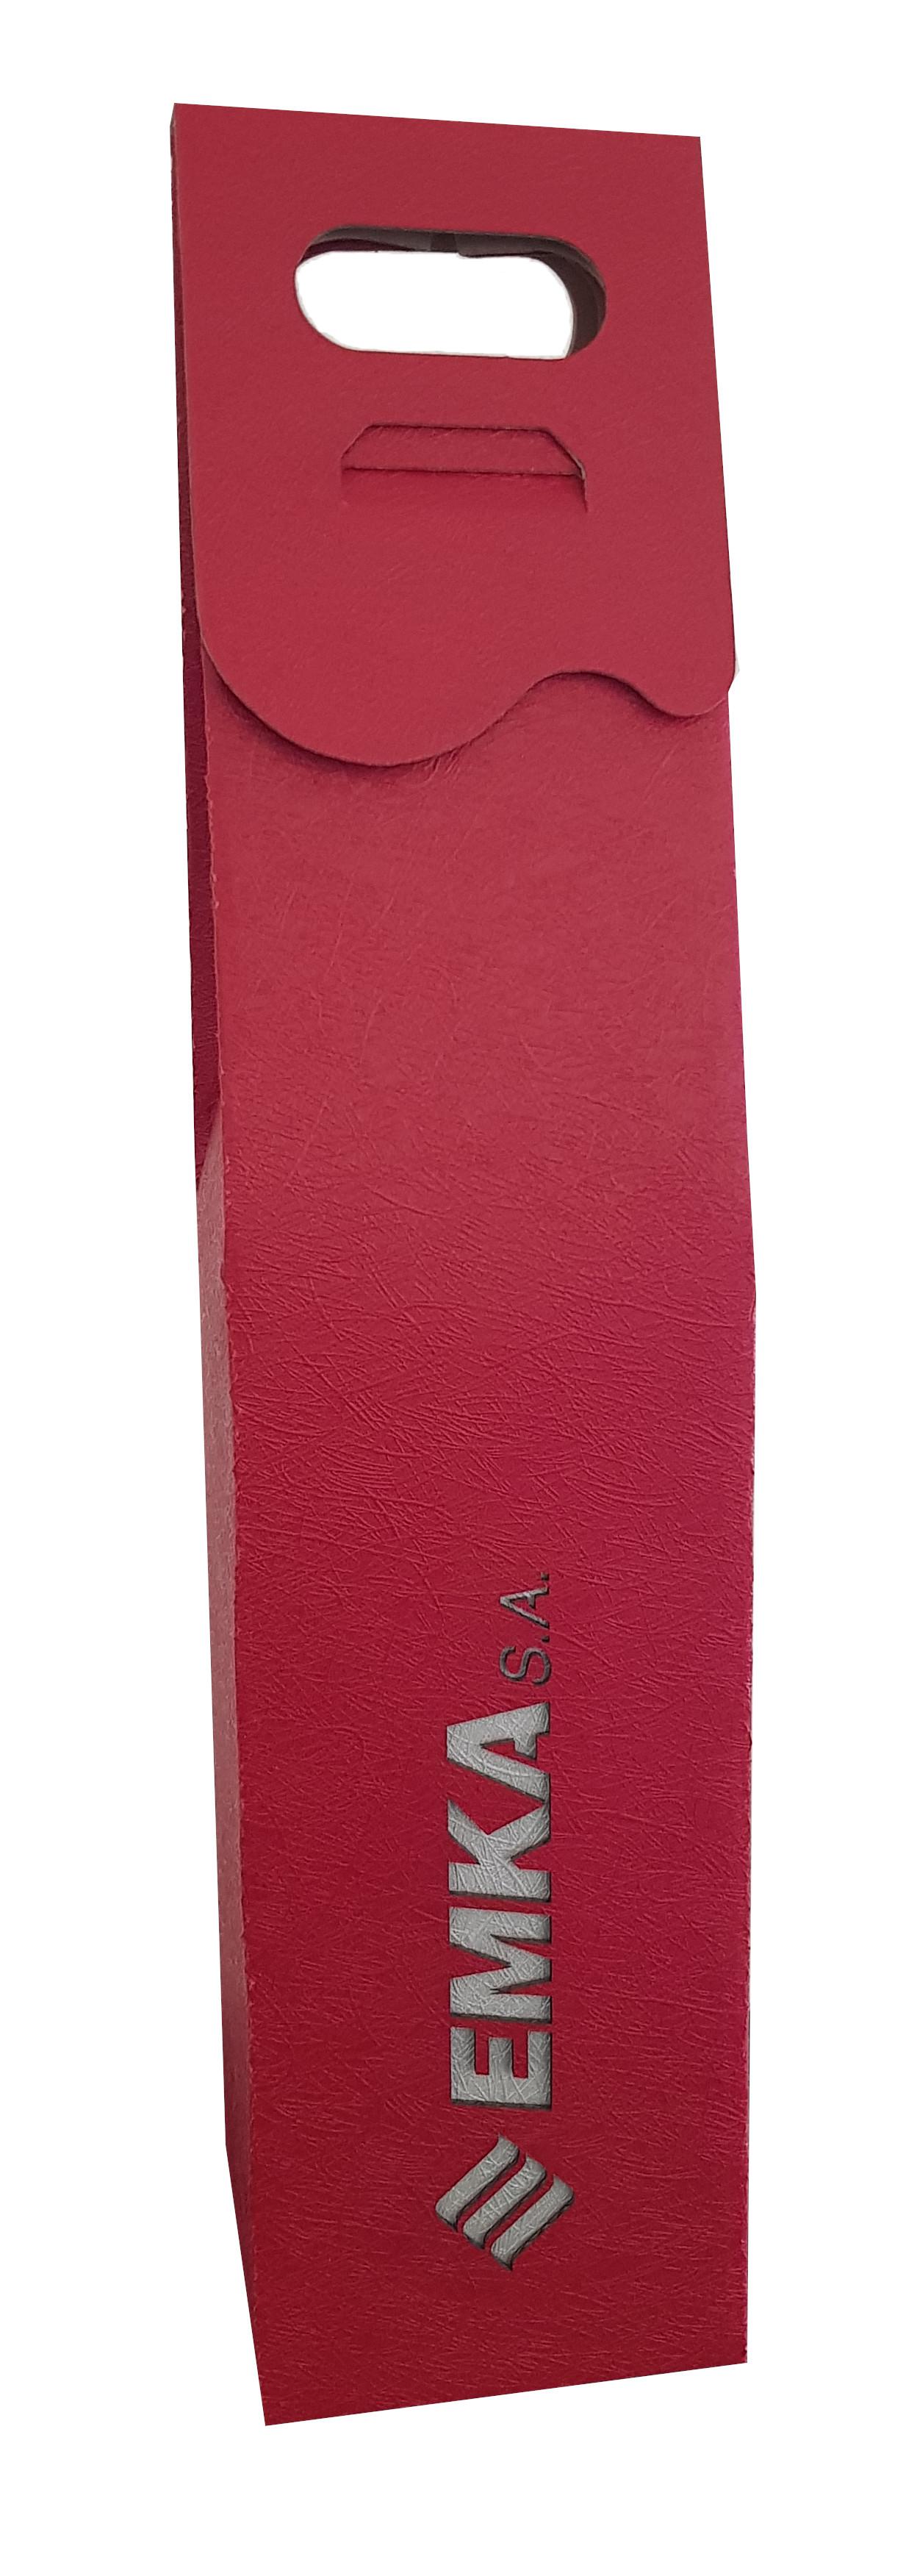 Czerwone kartonowe pudełko na wino